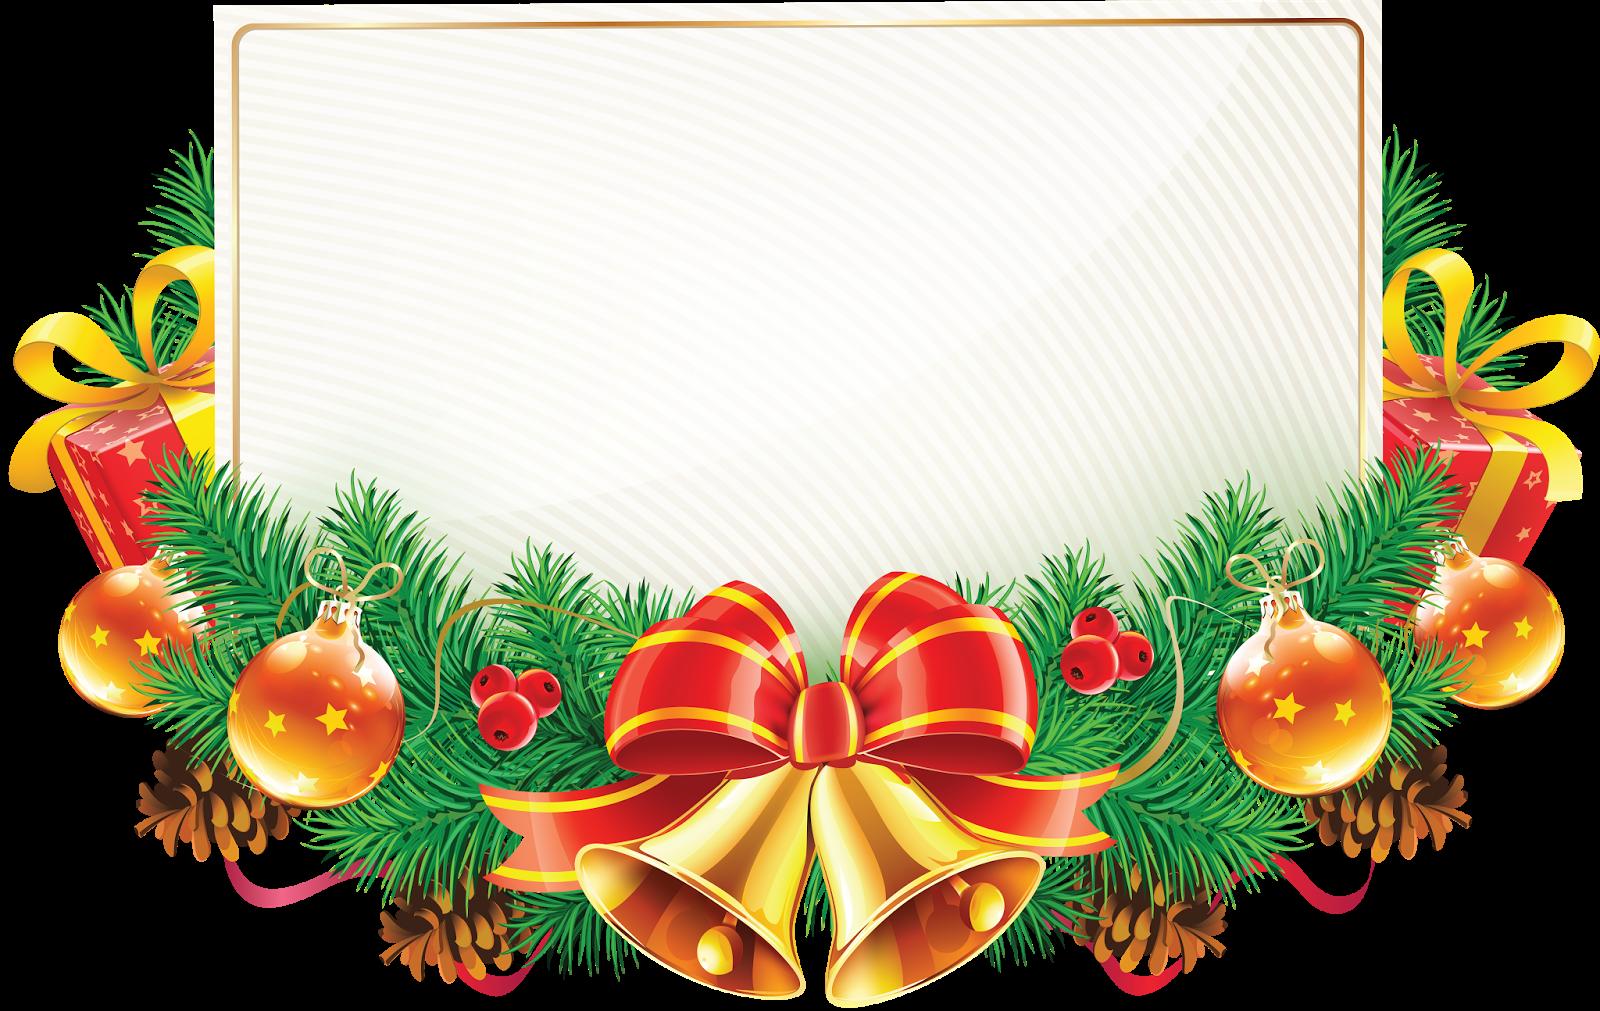 Adornos de corazon para navidad im genes de amor con - Plantillas de adornos navidenos ...